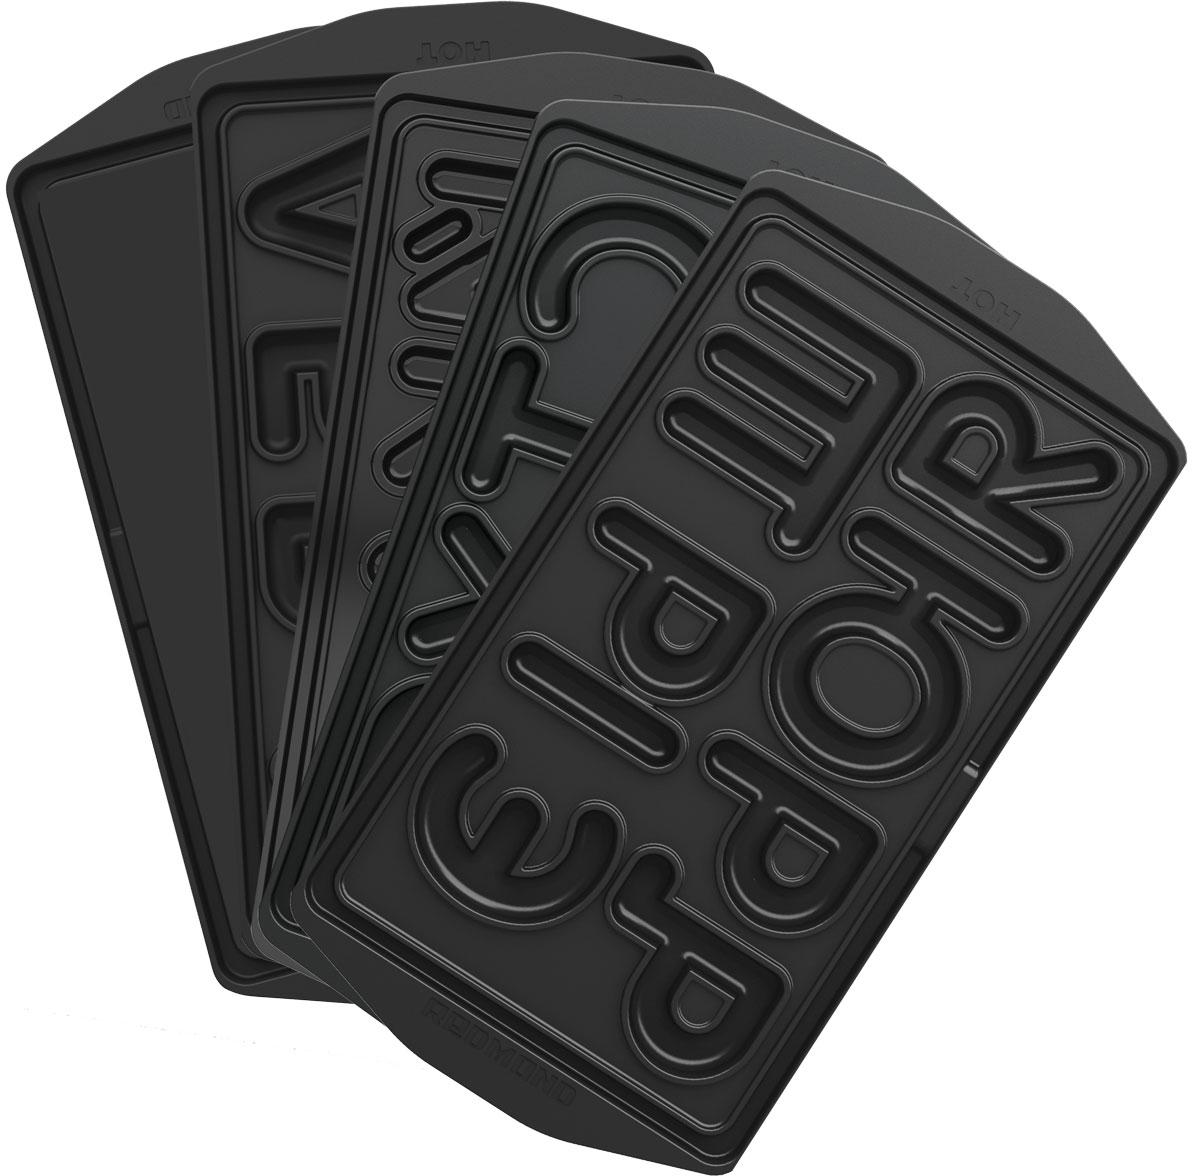 Redmond RAMB-25, Black пресс-форма для ростераRAMB-25• Универсальные съемные панели для любого Мультипекаря Redmond серии 6!• В комплекте 5 пластин, с которыми вы можете приготовить печенье в форме букв русского алфавита. Такая фигурная выпечка отлично подойдет для того, чтобы помочь ребенку выучить алфавит, научить его читать и раскладывать слова на слоги. Из съедобных букв можно также составлять оригинальные поздравления для своих родных, друзей и коллег.• Готовьте на этих панелях из проверенных продуктов, в качестве которых вы убедились. У вас будет получаться вкусная домашняя выпечка – без консервантов и красителей!• Панели изготовлены из металла, поэтому они долговечны и легки в уходе. Антипригарное покрытие позволяет готовить без использования масла.• Панели удобно устанавливать и снимать благодаря специальным ручкам сбоку от форм.